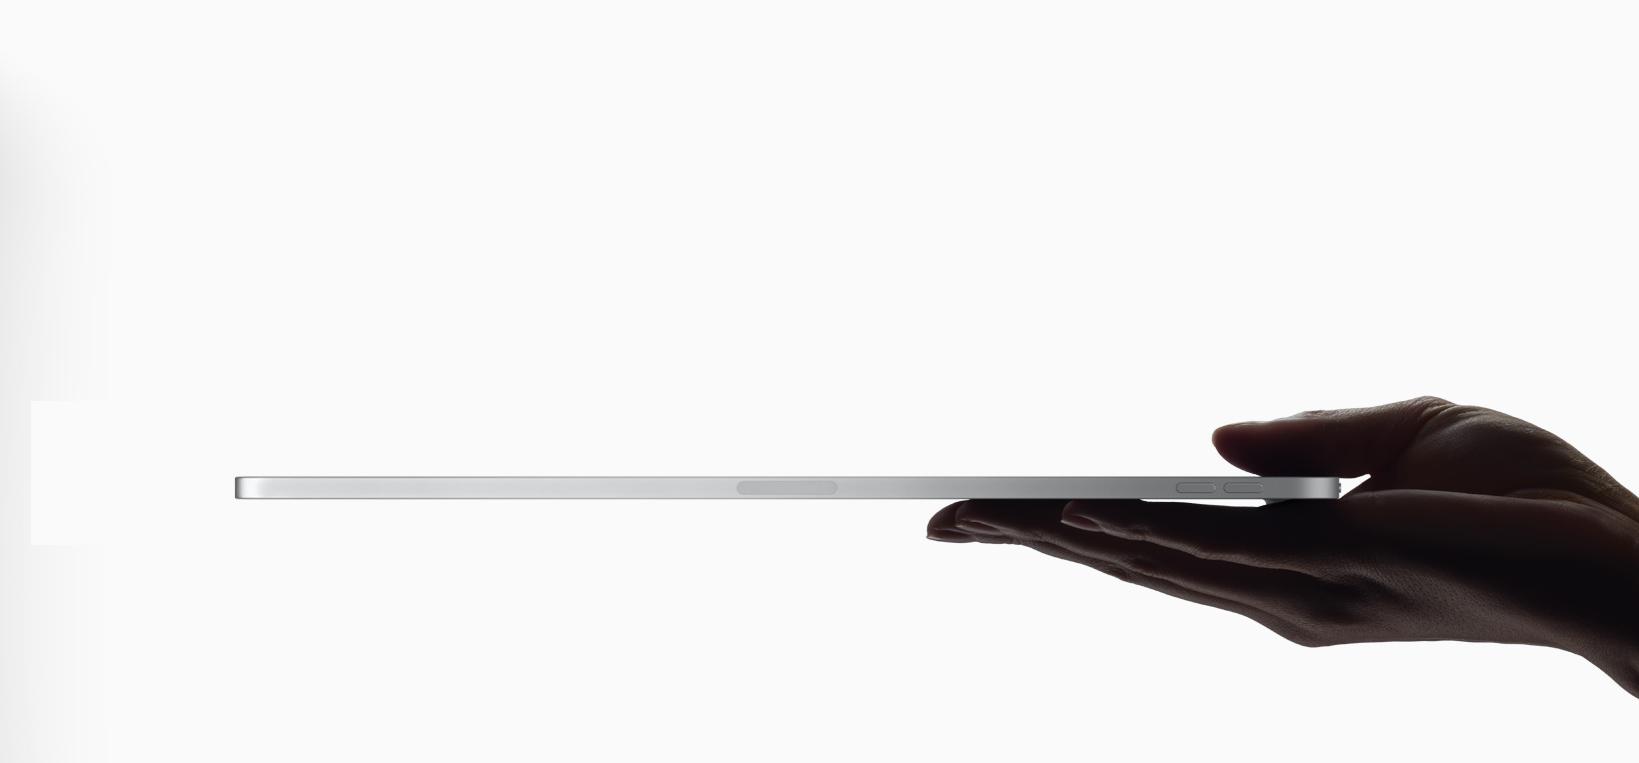 关于iPad Pro 的小细节还是值得注意,做为购买前的参考